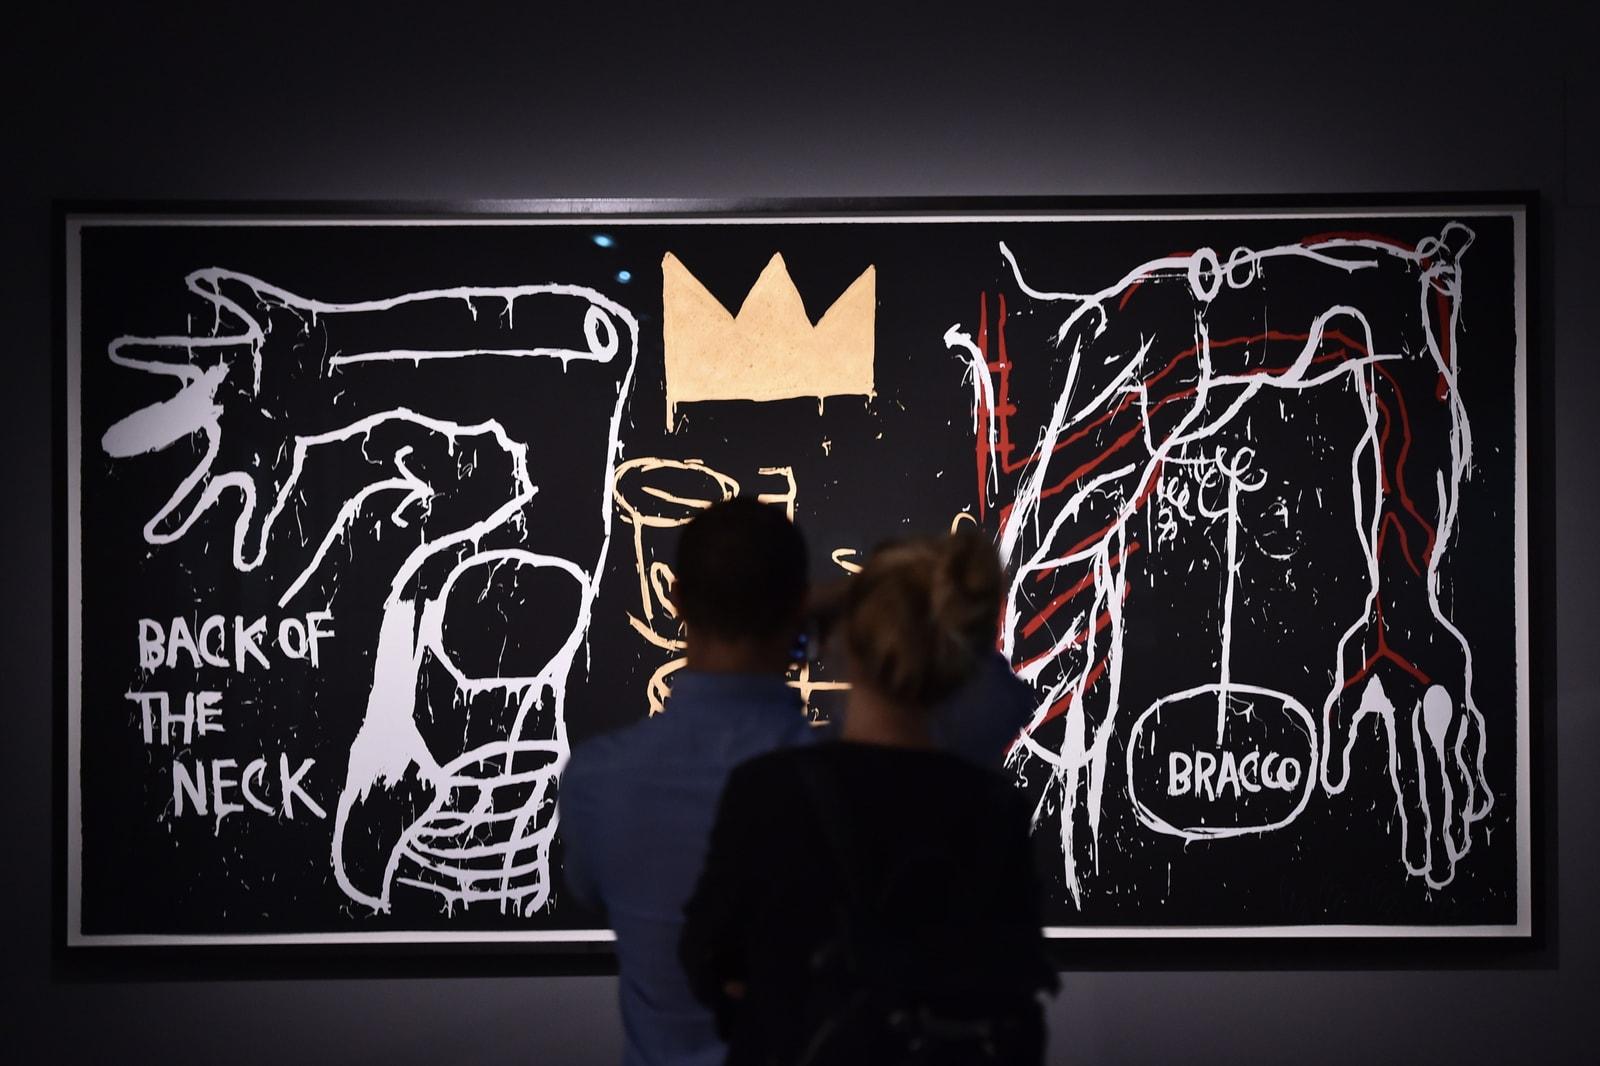 Jean-Michel Basquiat 的四個畫作關鍵詞,及其探索種族議題的八十年代